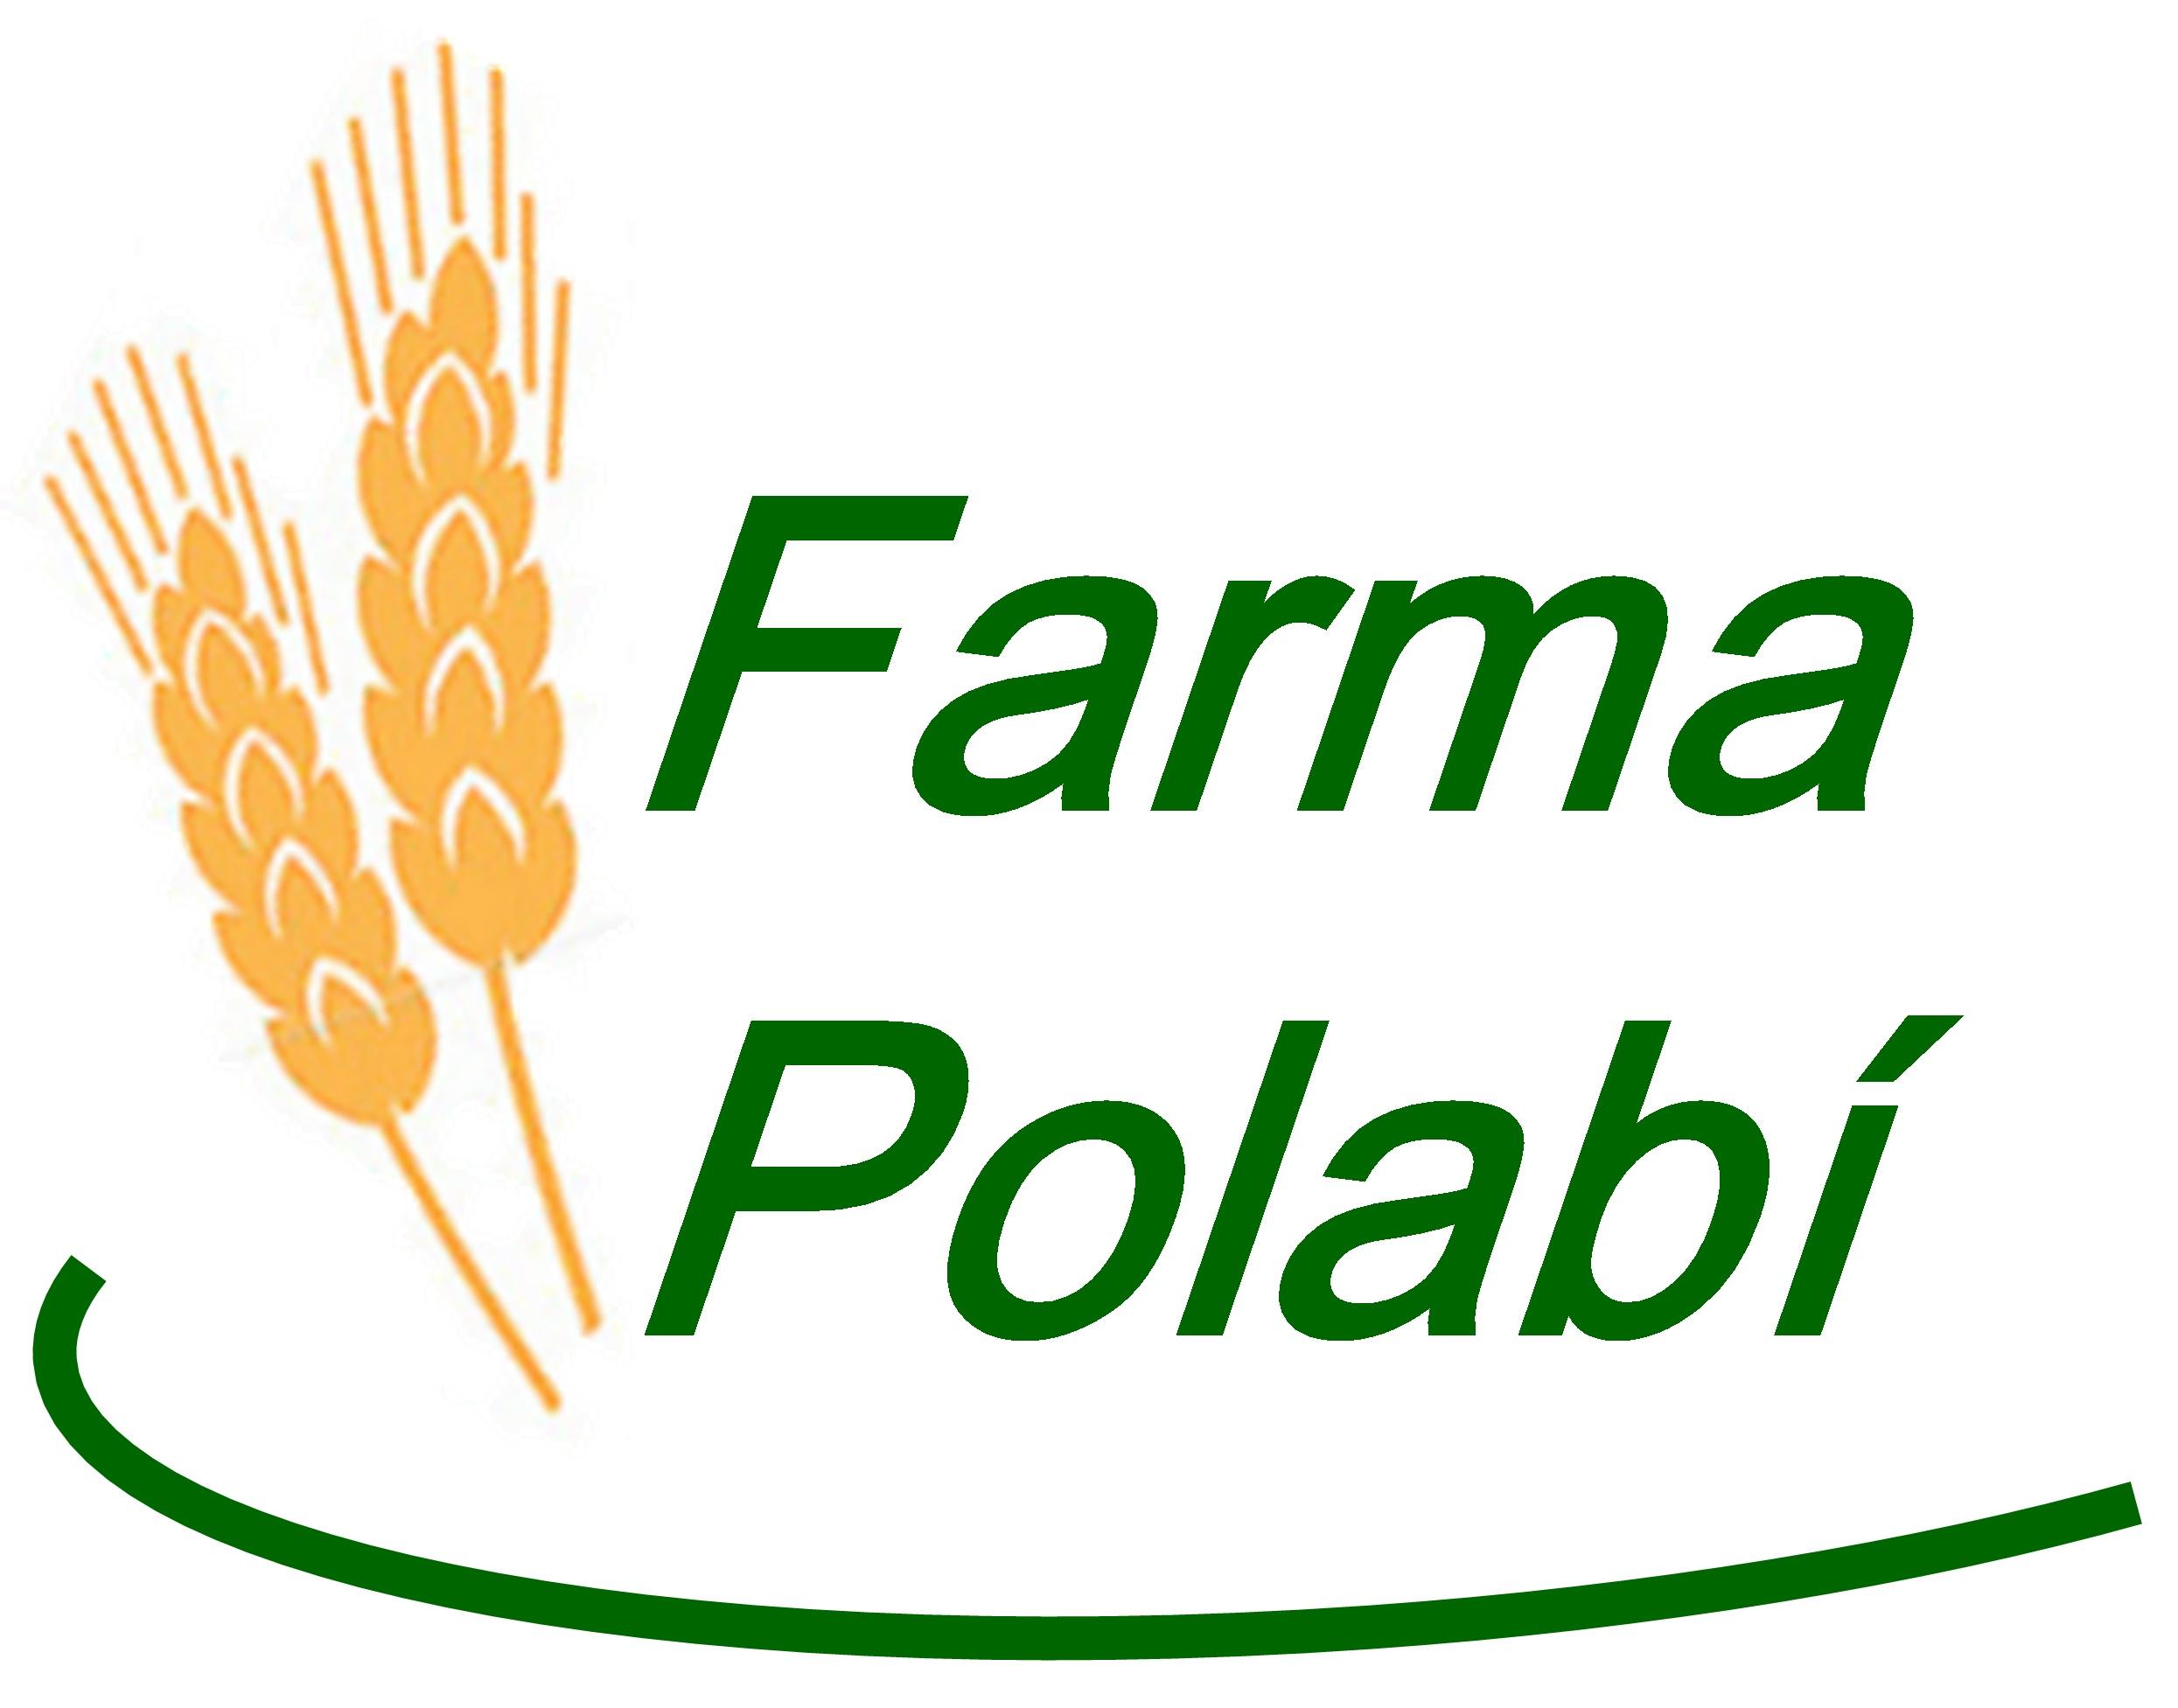 Farma Polabí